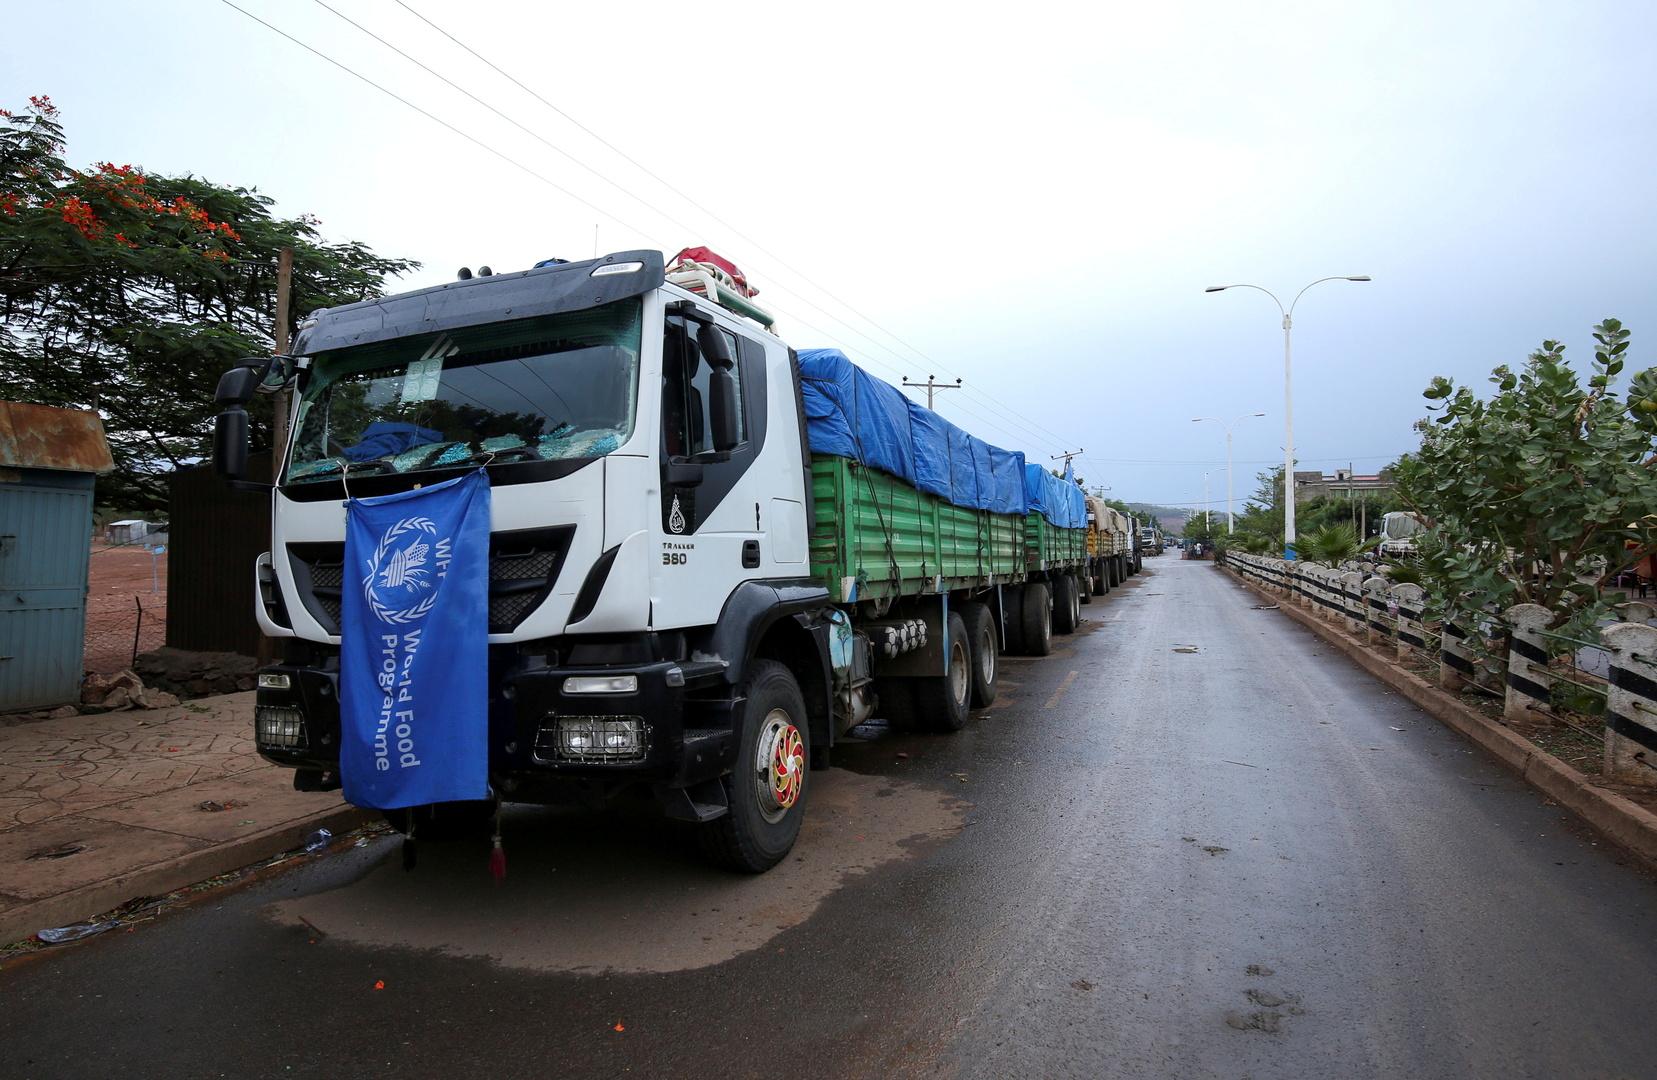 الأمم المتحدة: تعرض قافلة مساعدات غذائية لإقليم تيغراي للهجوم